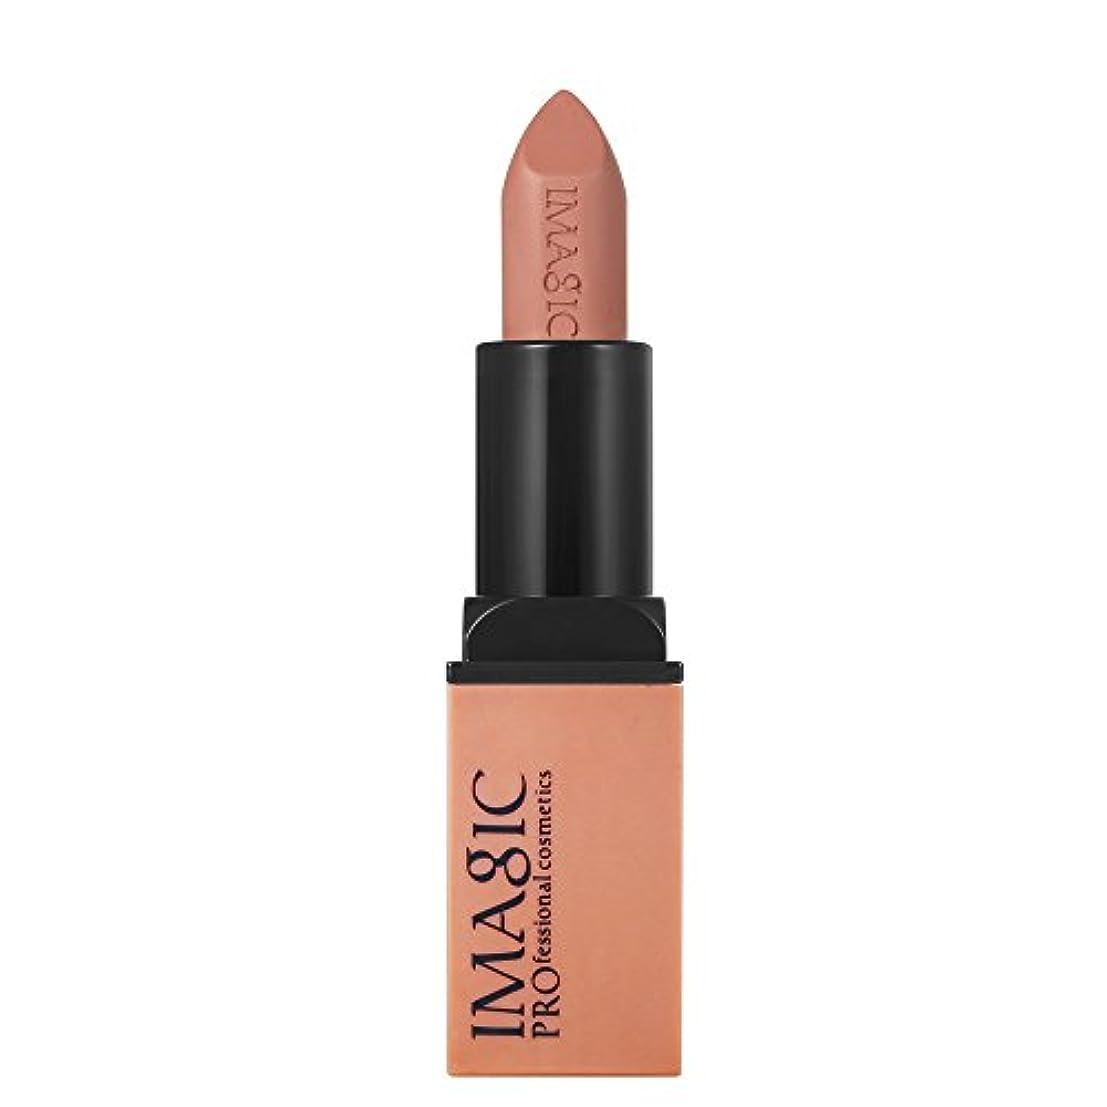 以下潜在的なフィットリップスティック リキッド モイスチャライザー 口紅 ベルベット マット リップバーム 化粧品 美容 リップクリーム メイク 唇に塗っっていつもよりセクシー魅力を与えるルージュhuajuan